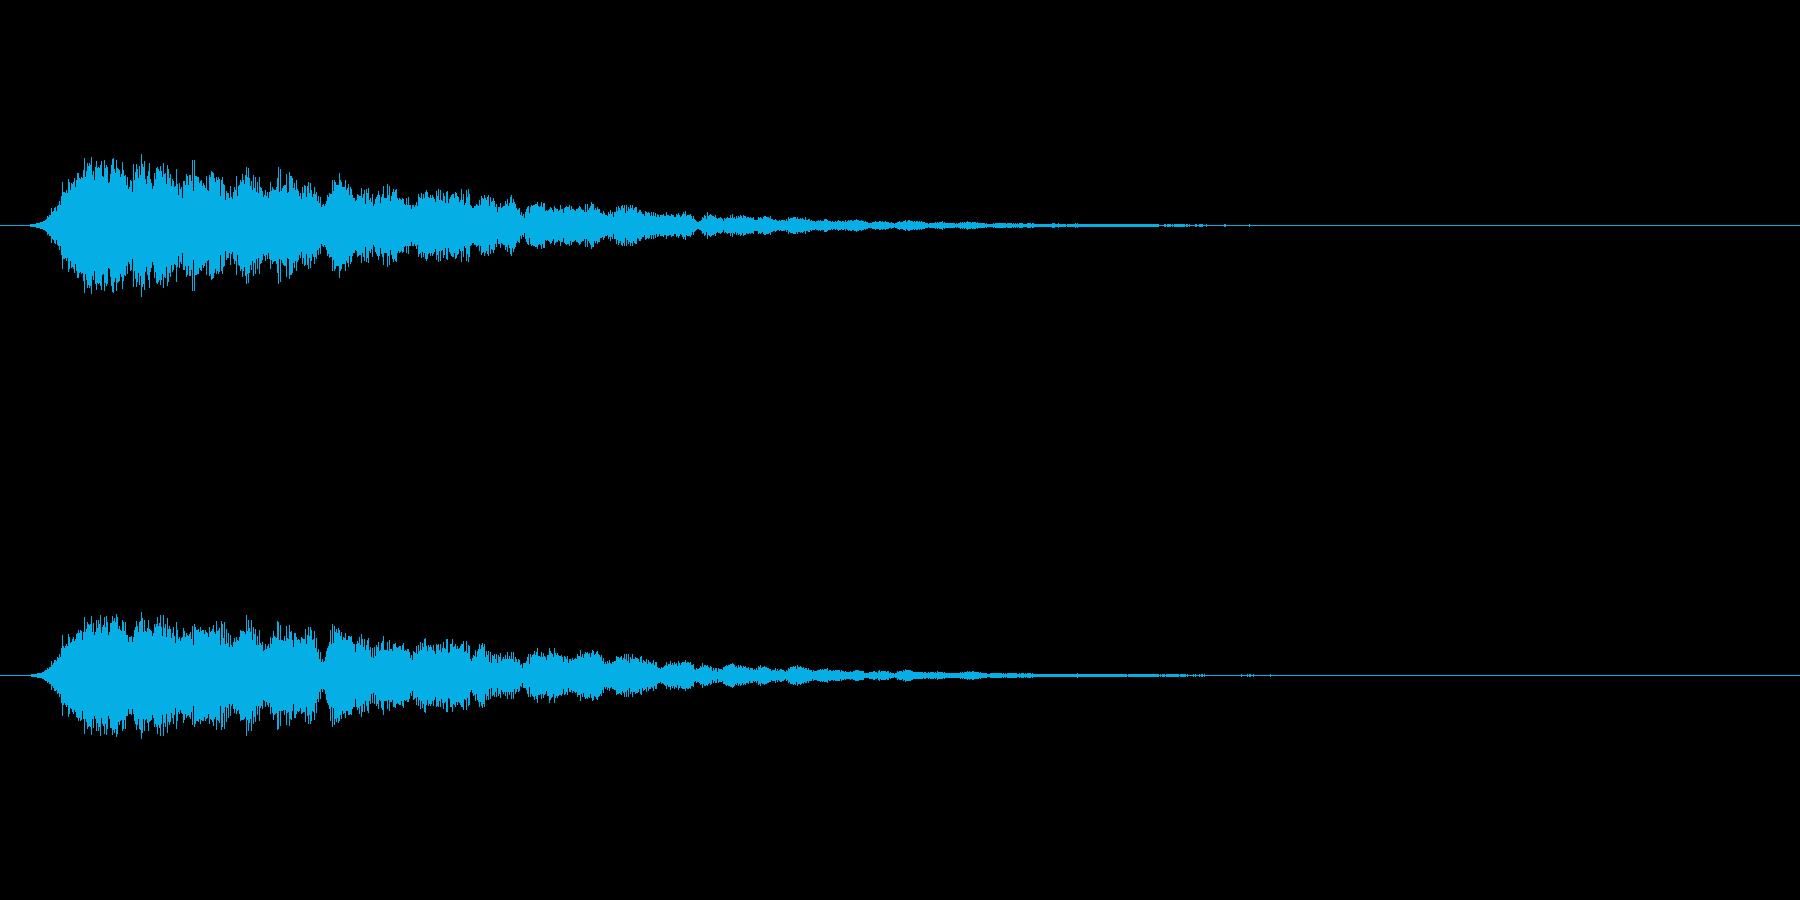 【ショートブリッジ23-1】の再生済みの波形